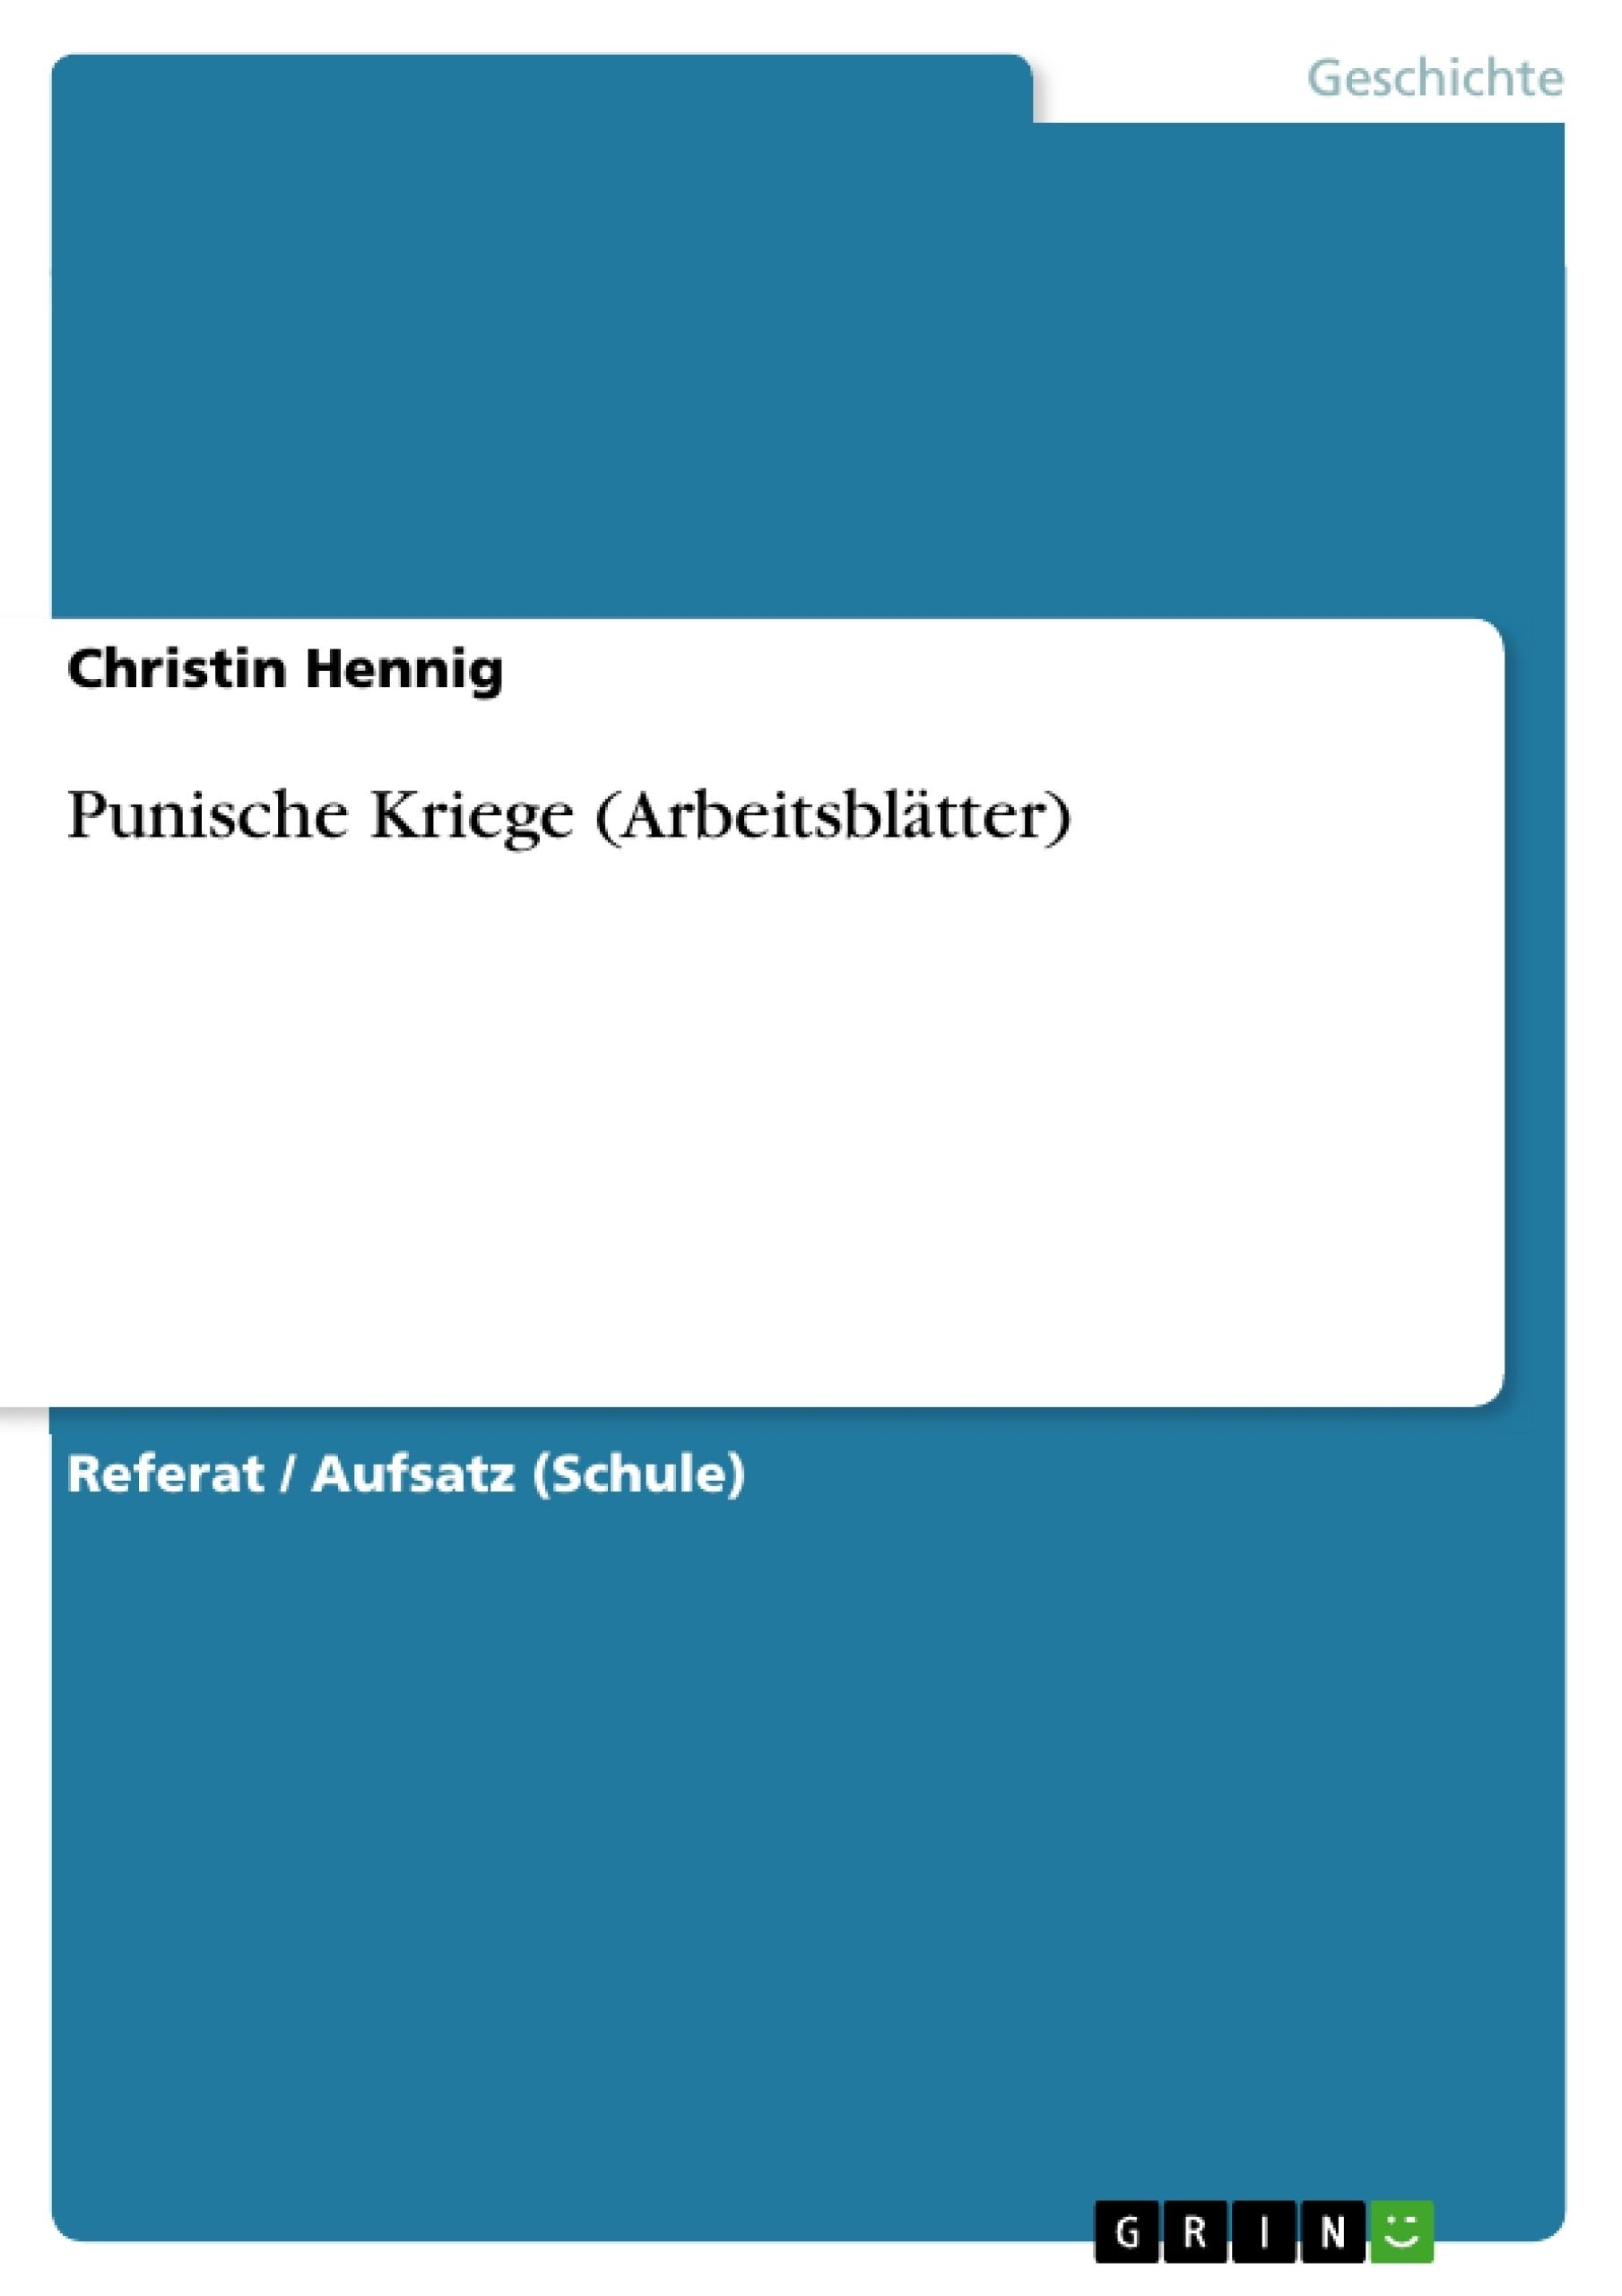 Punische Kriege (Arbeitsblätter) | Masterarbeit, Hausarbeit ...